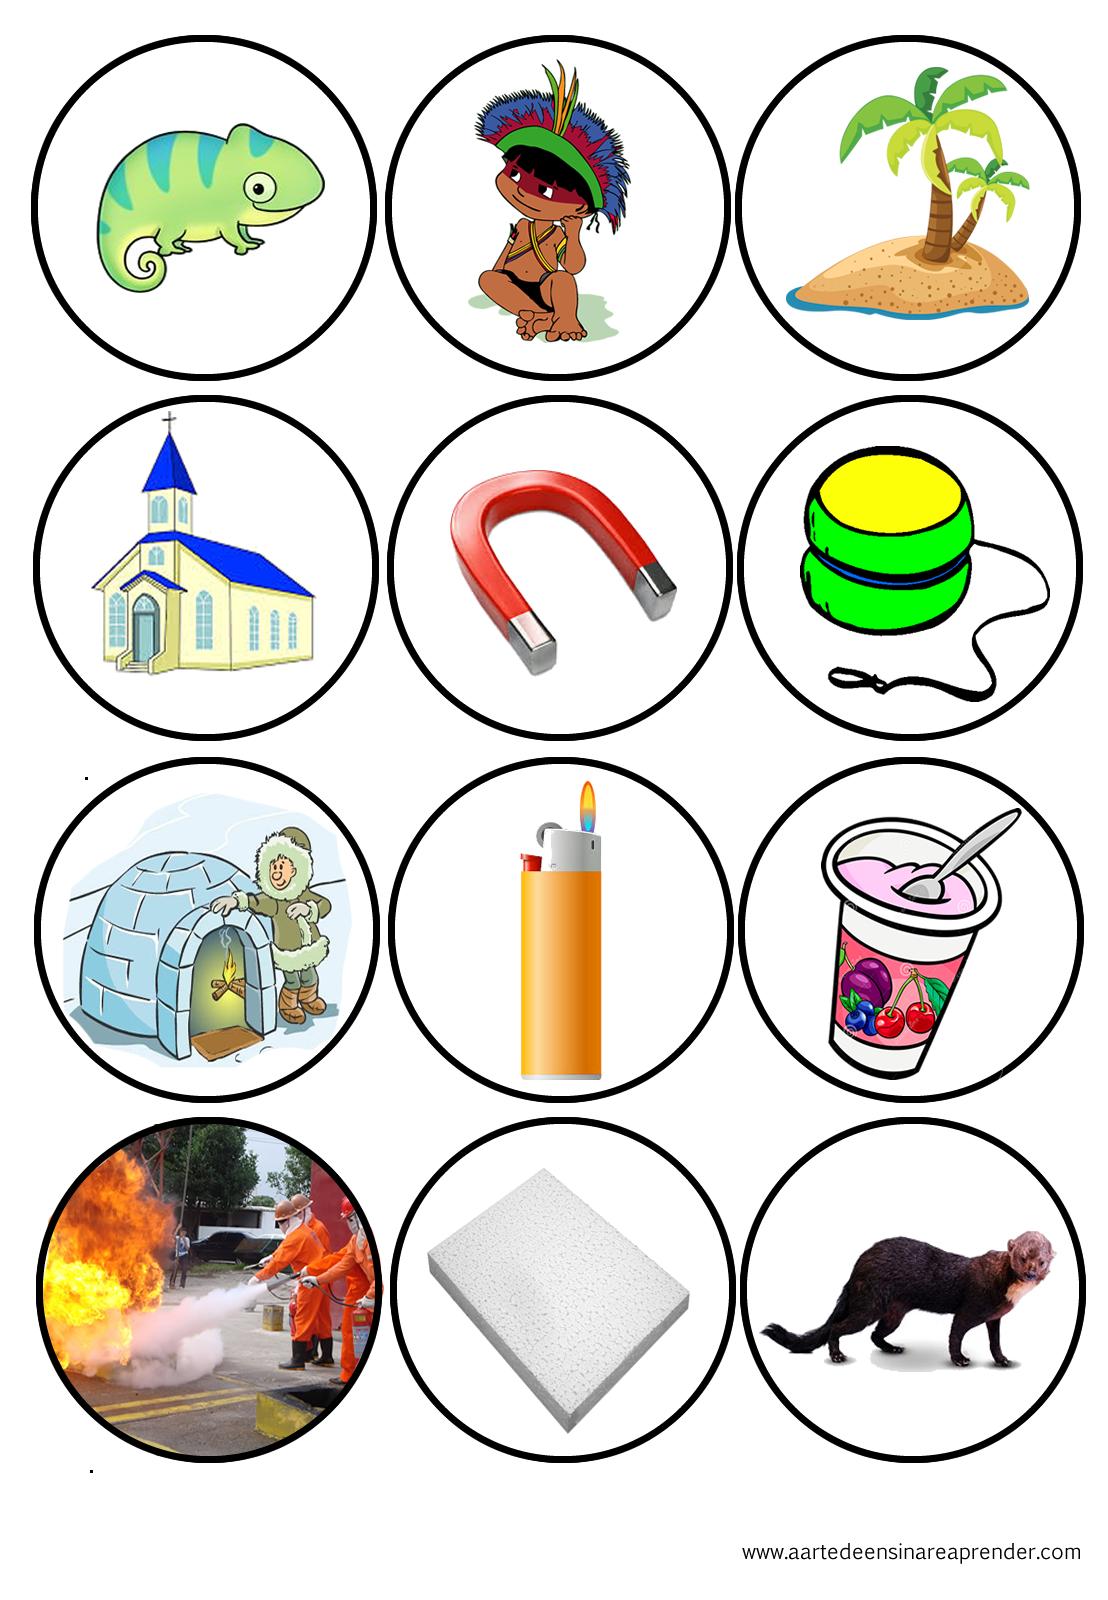 Jogo Das Vogais Atividades De Linguagem Pre Escolar Atividades De Alfabetizacao Atividades De Linguagem